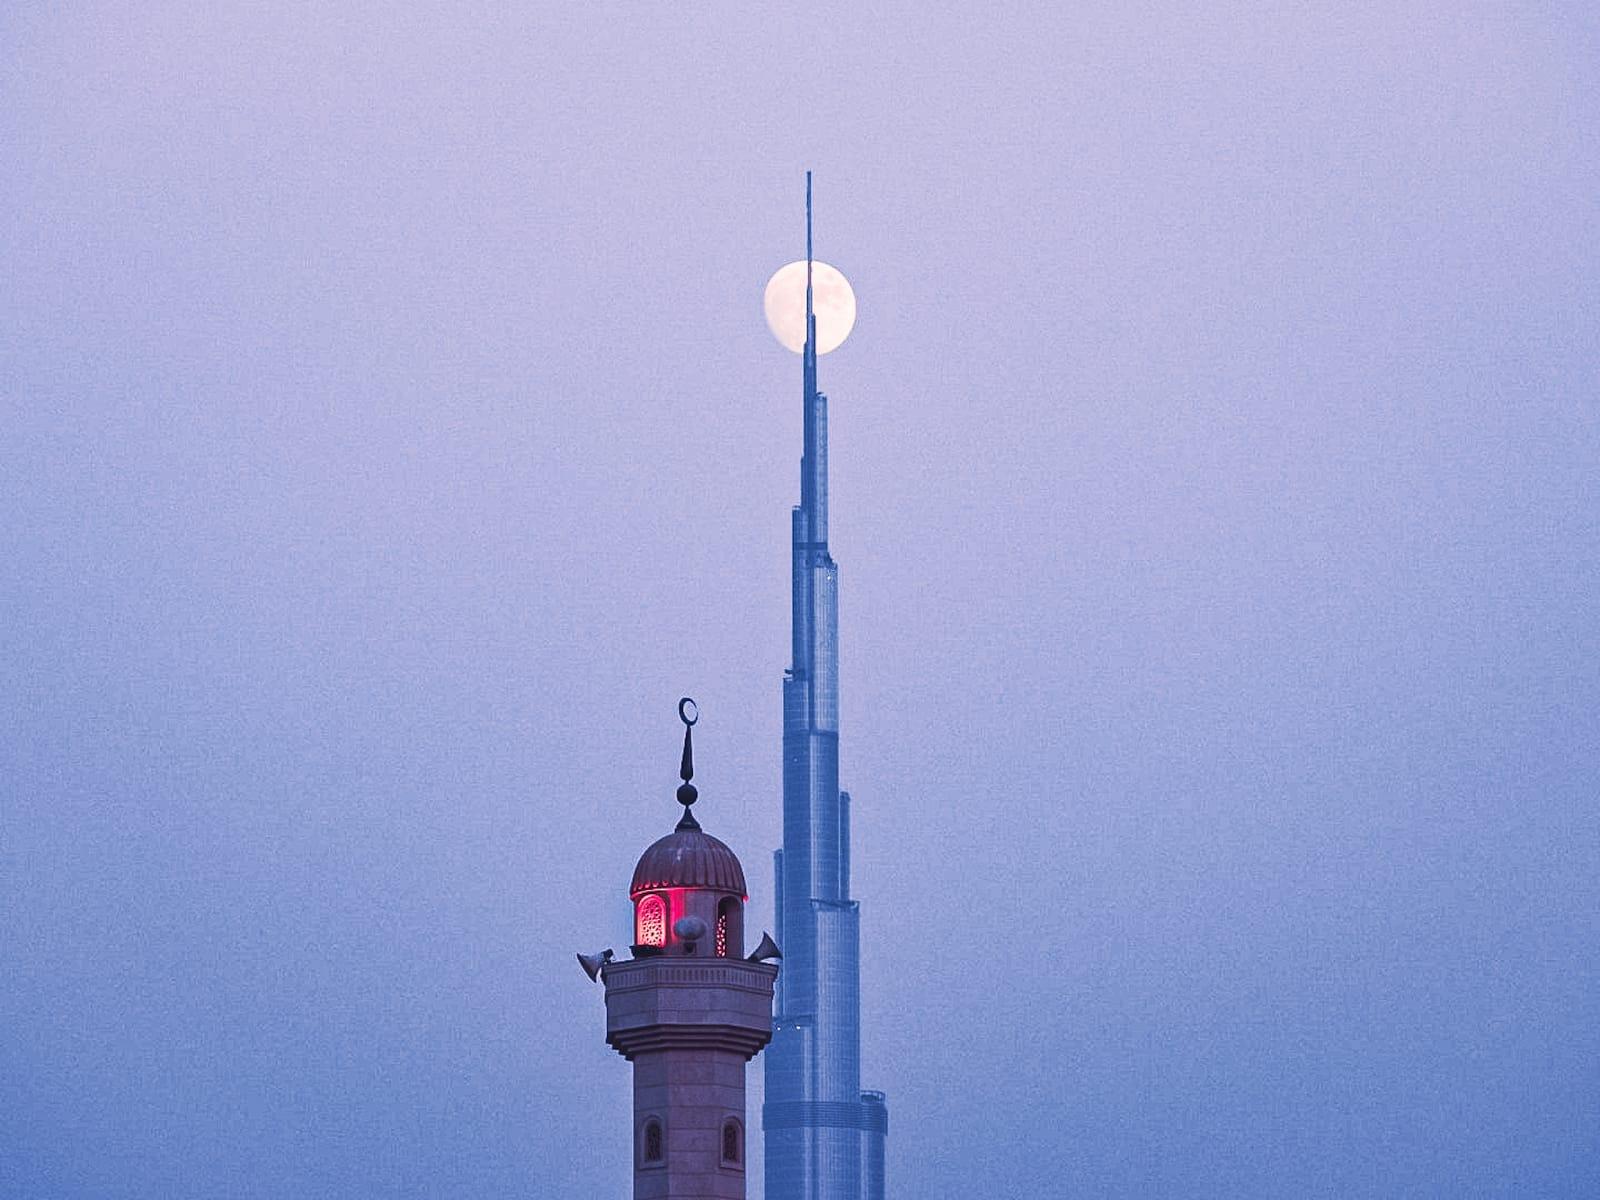 في دبي..شاهد القمر يلامس قمة أعلى برج في العالم